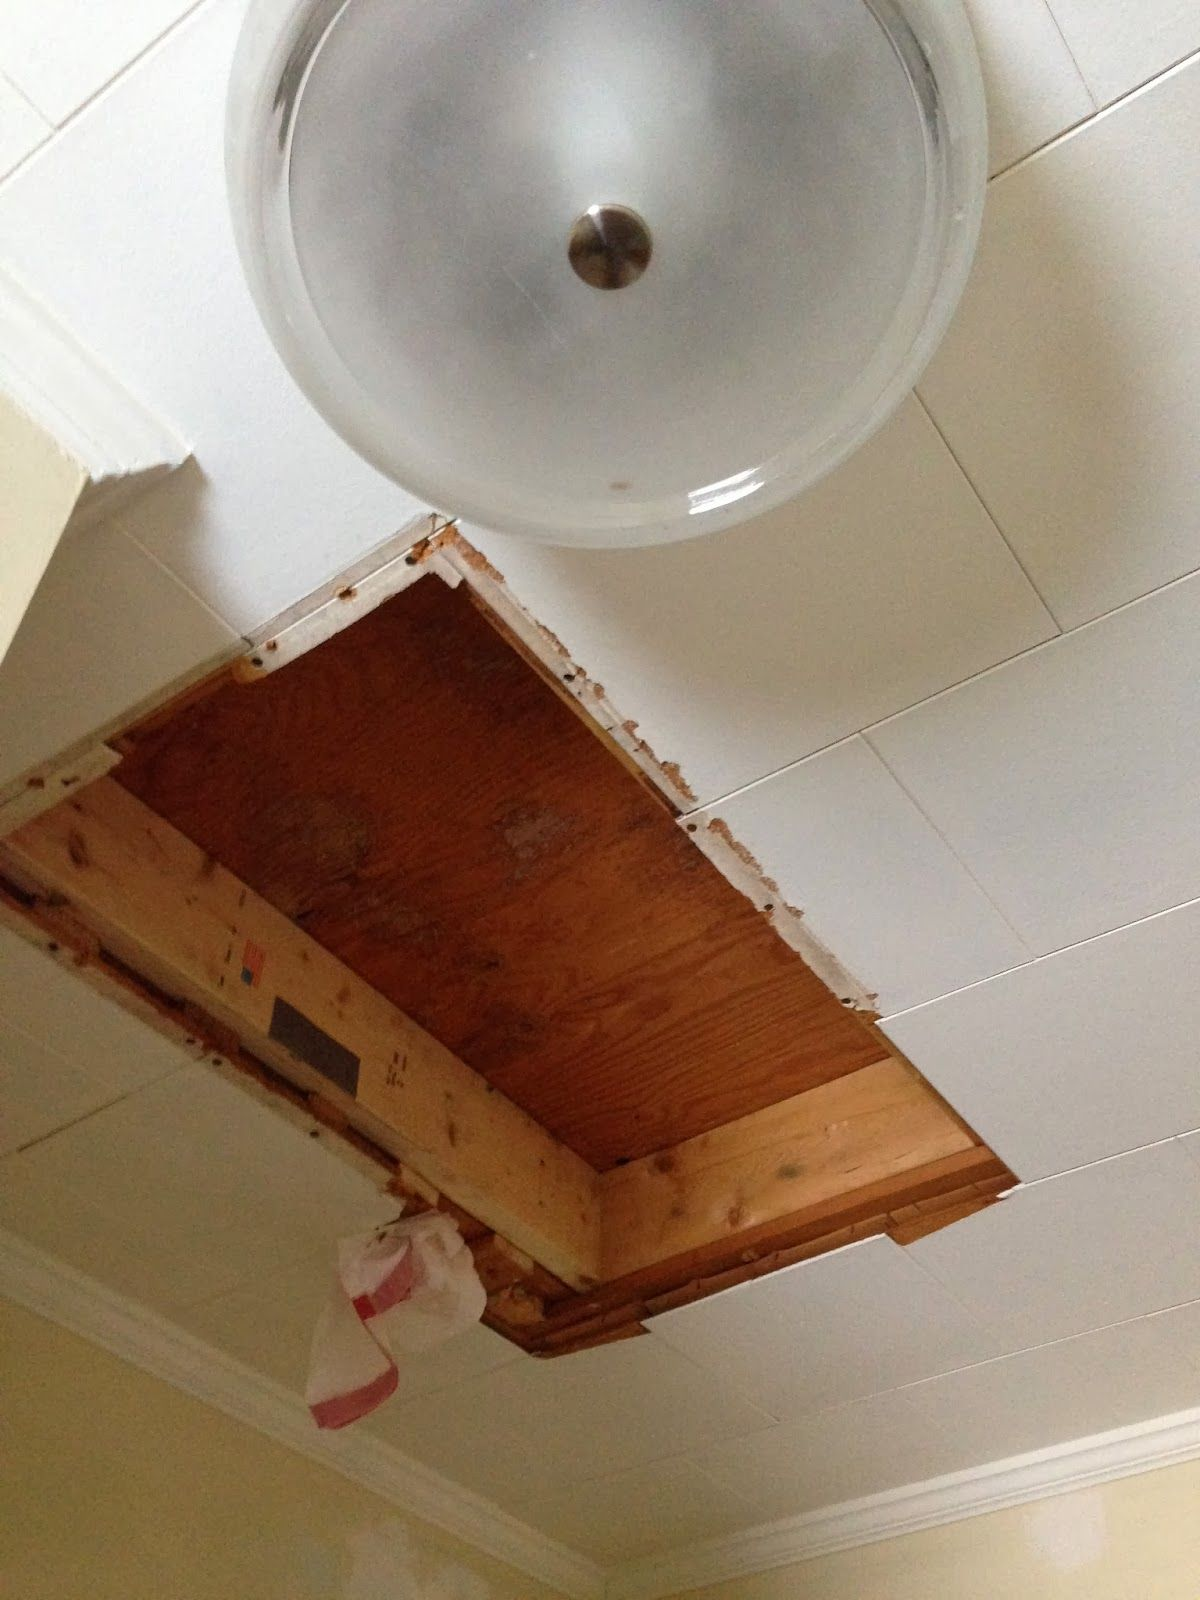 Bathroom Exhaust Fan No Attic Access